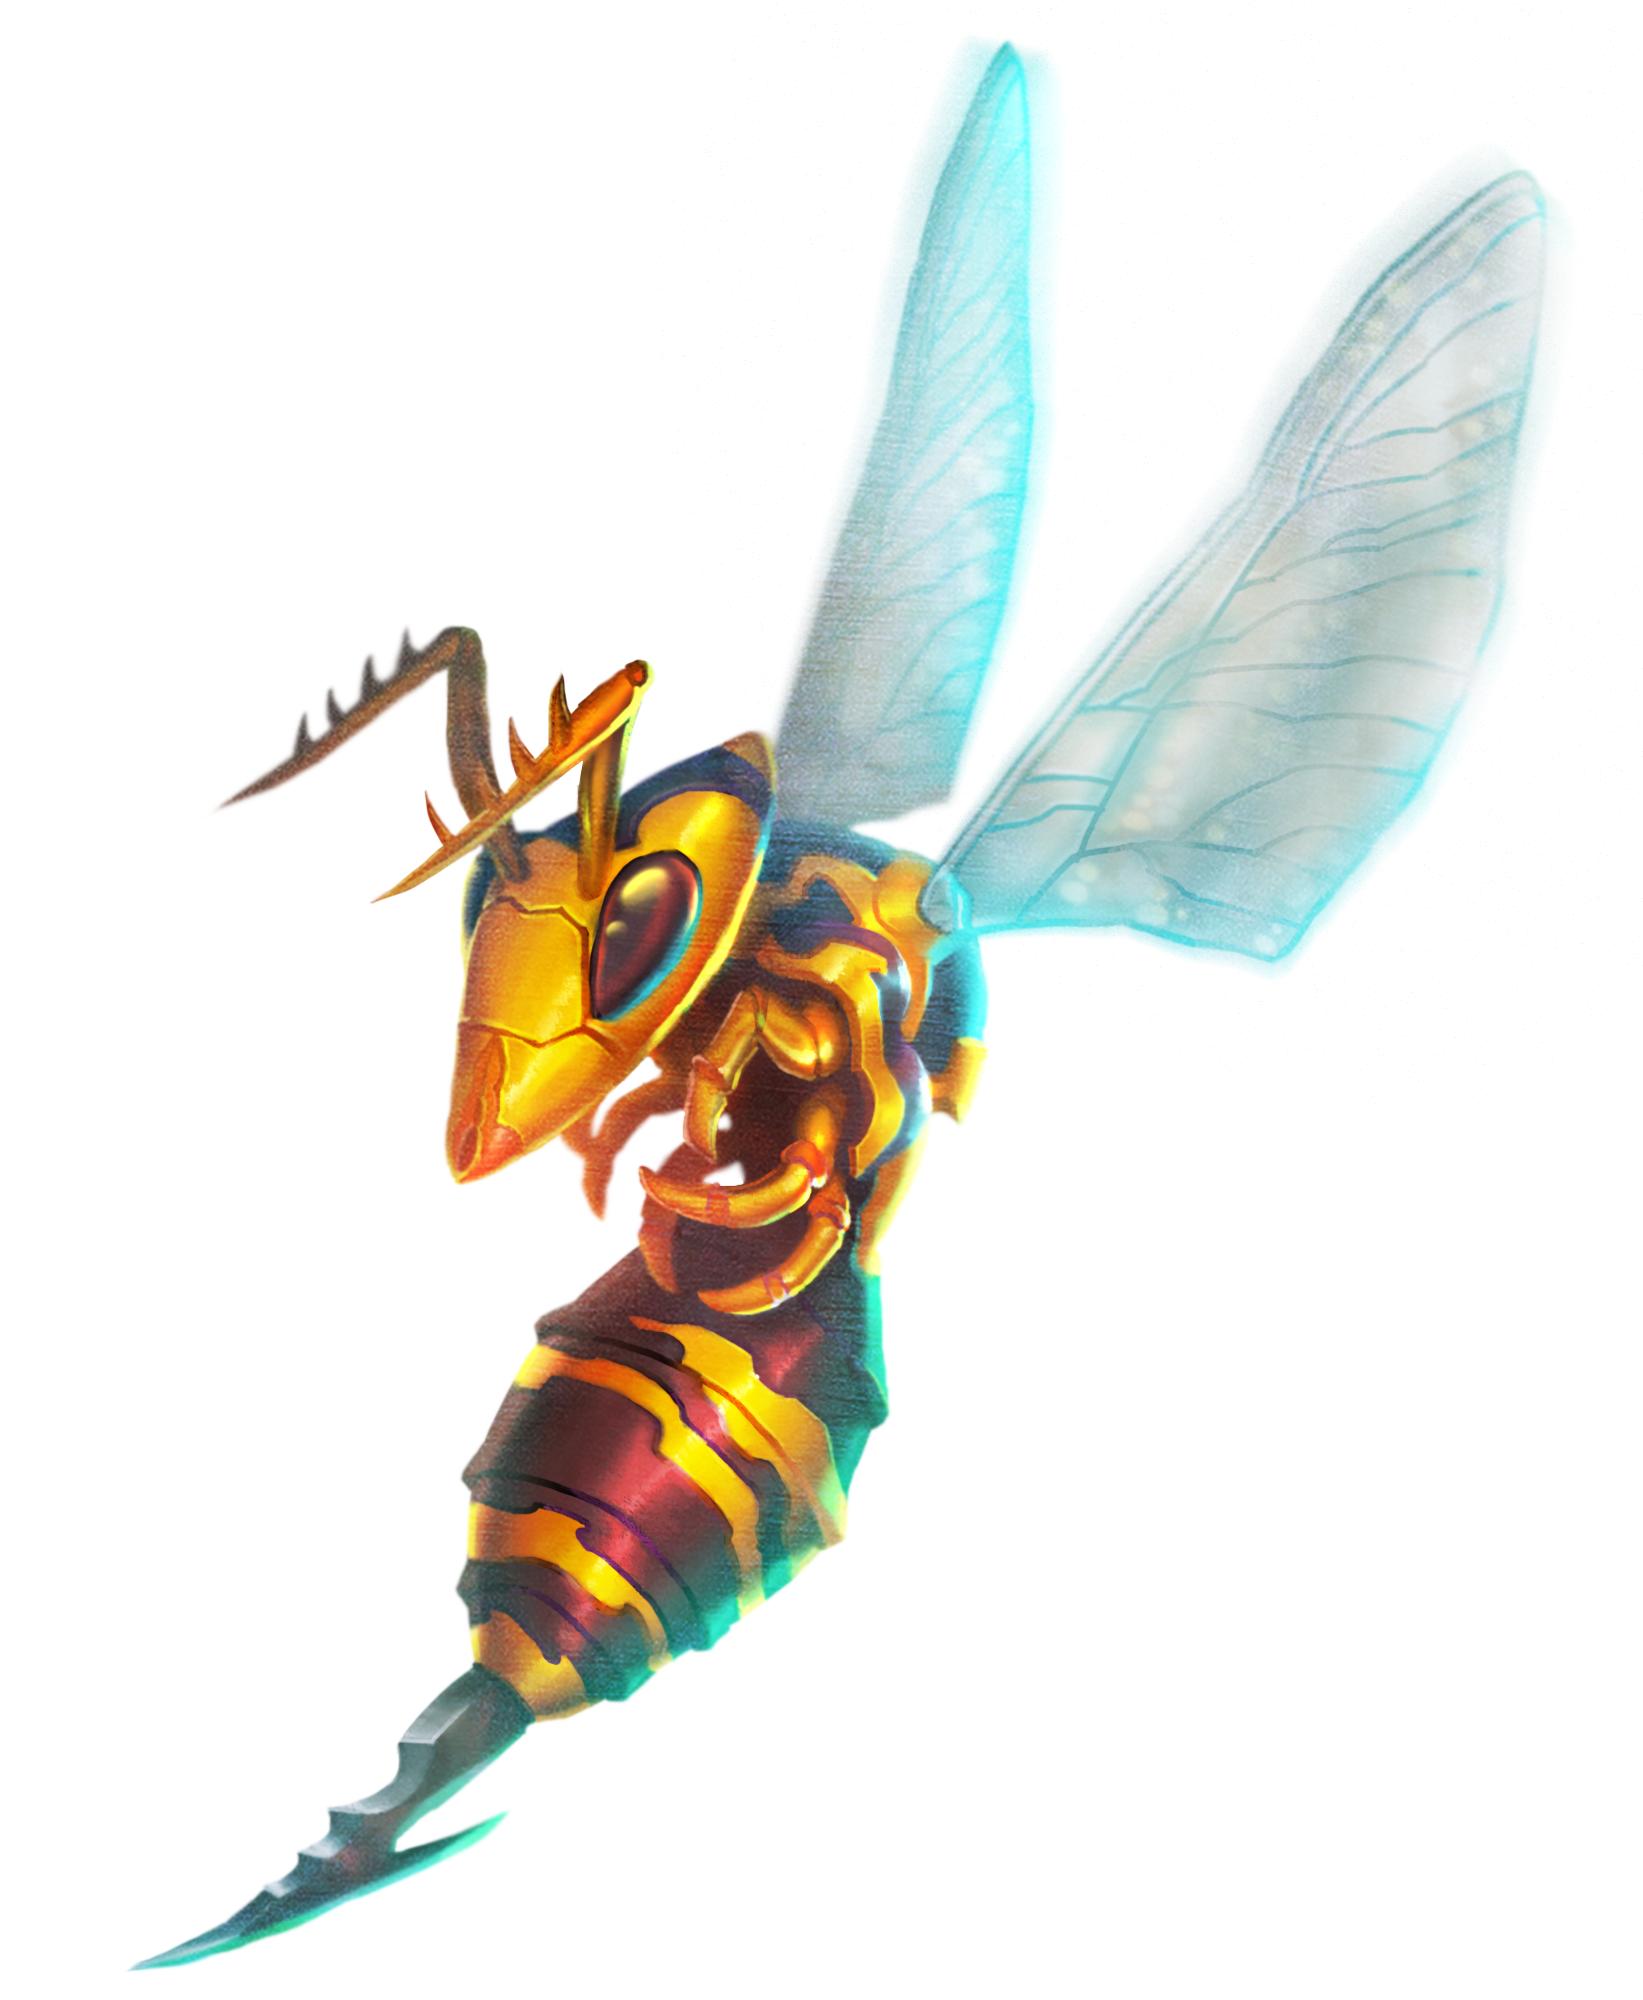 Brendan Milos Majora's Mask Artwork – Giant Bee – Zelda Dungeon